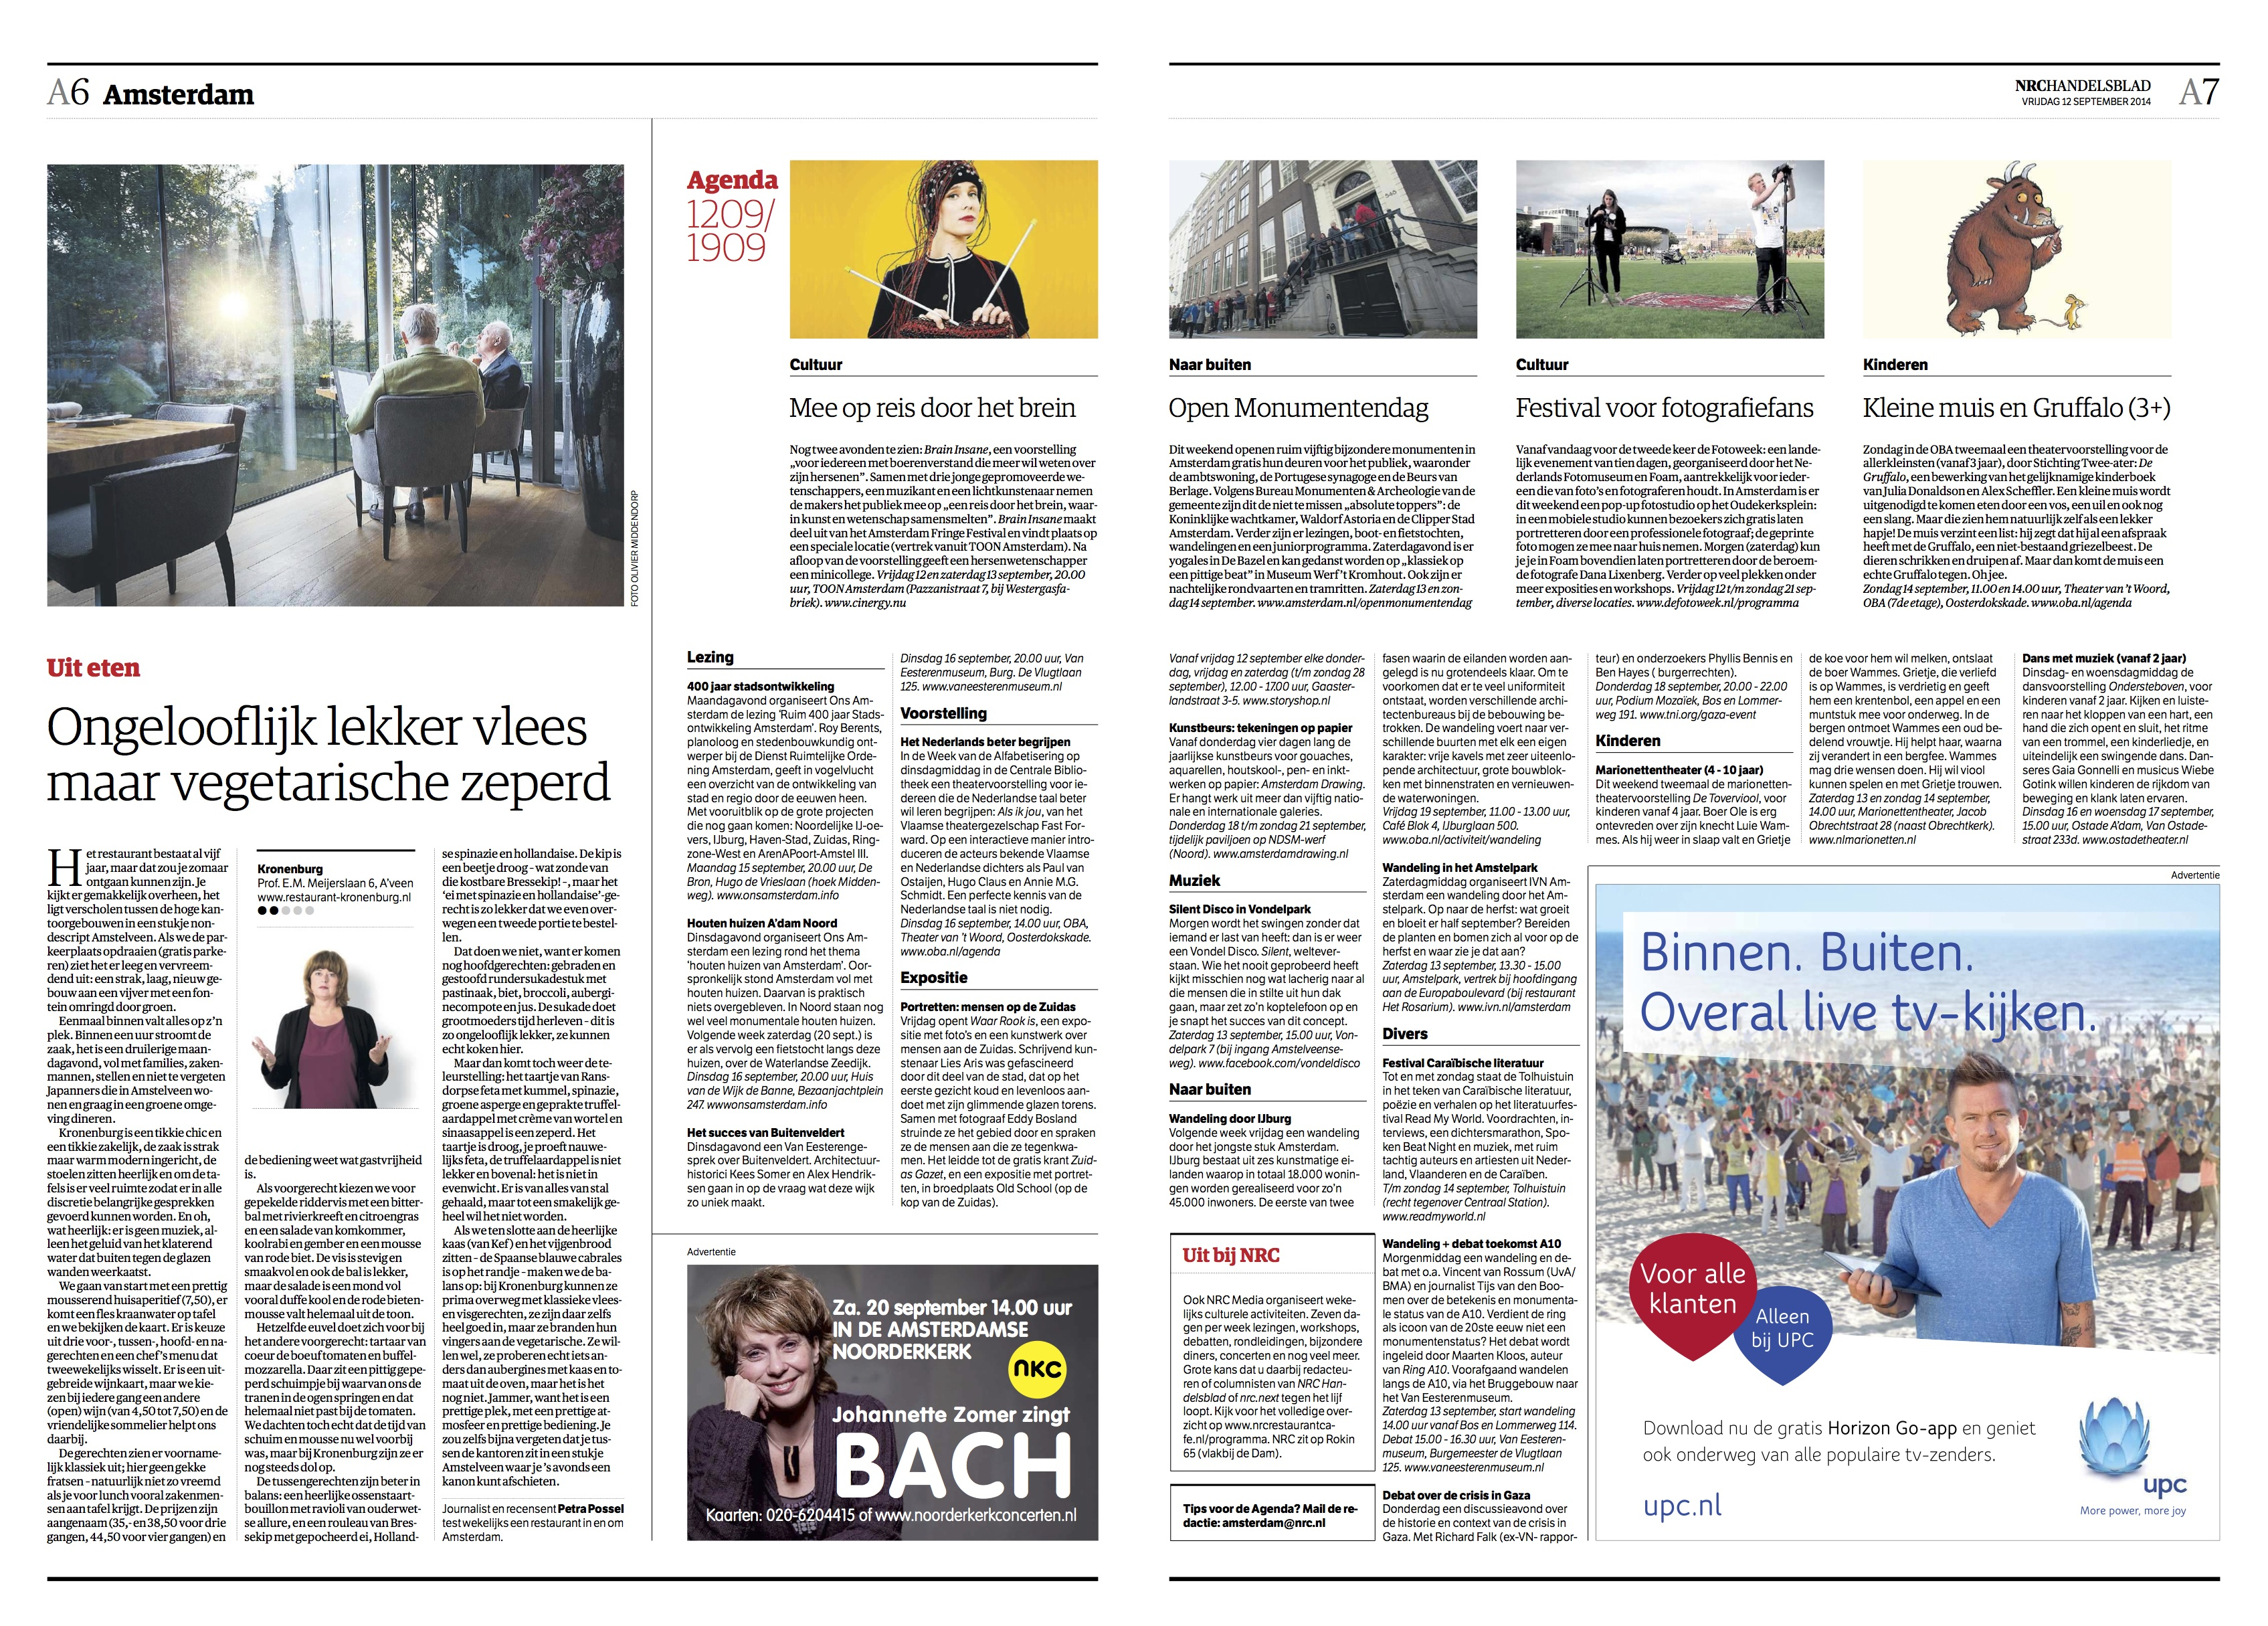 Ondersteboven in Ostade - NRC agenda Amsterdam - vr 12 september 2014